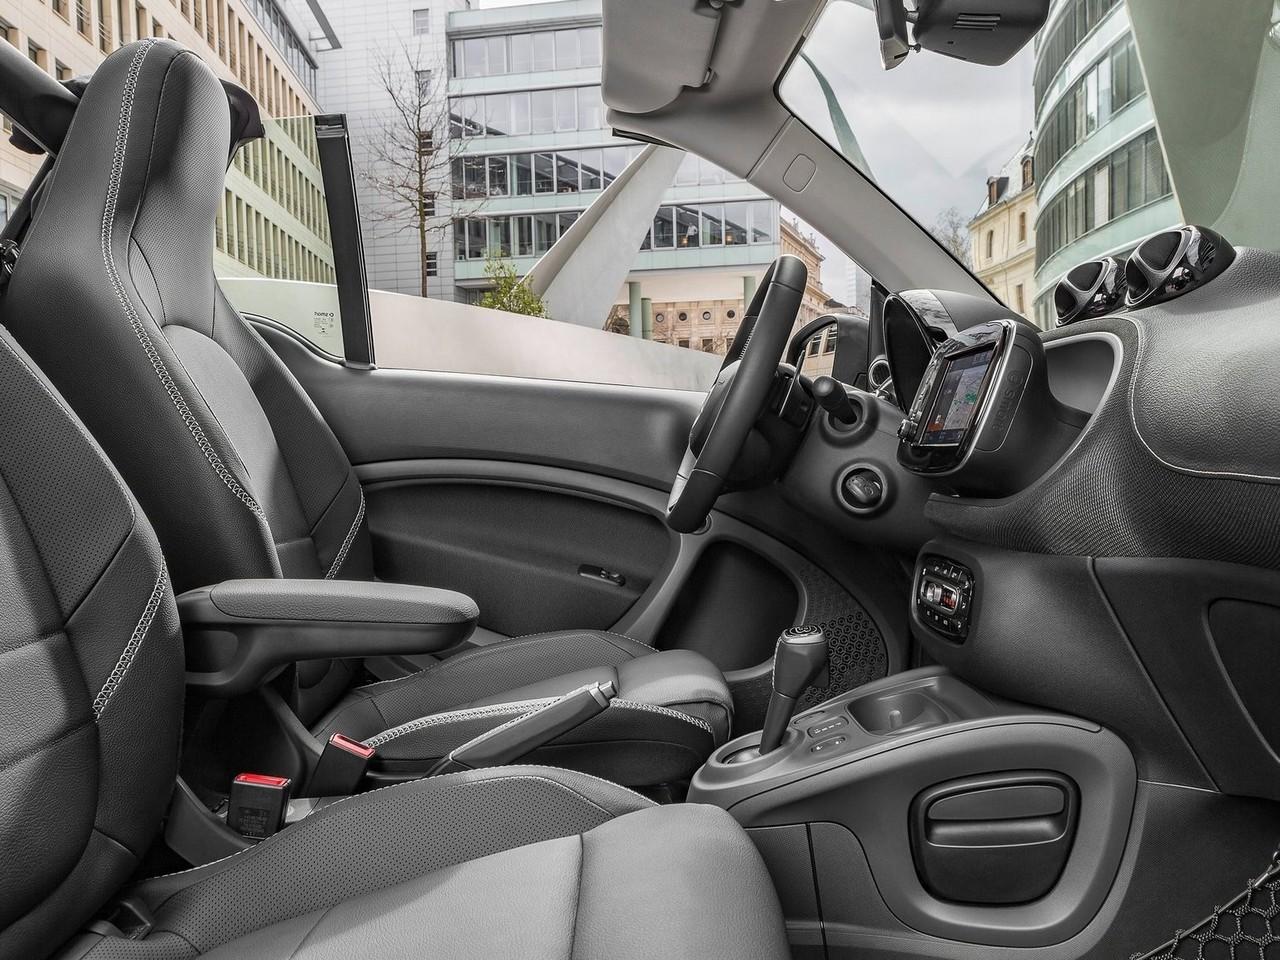 Brabus Smart fortwo Cabrio 2017